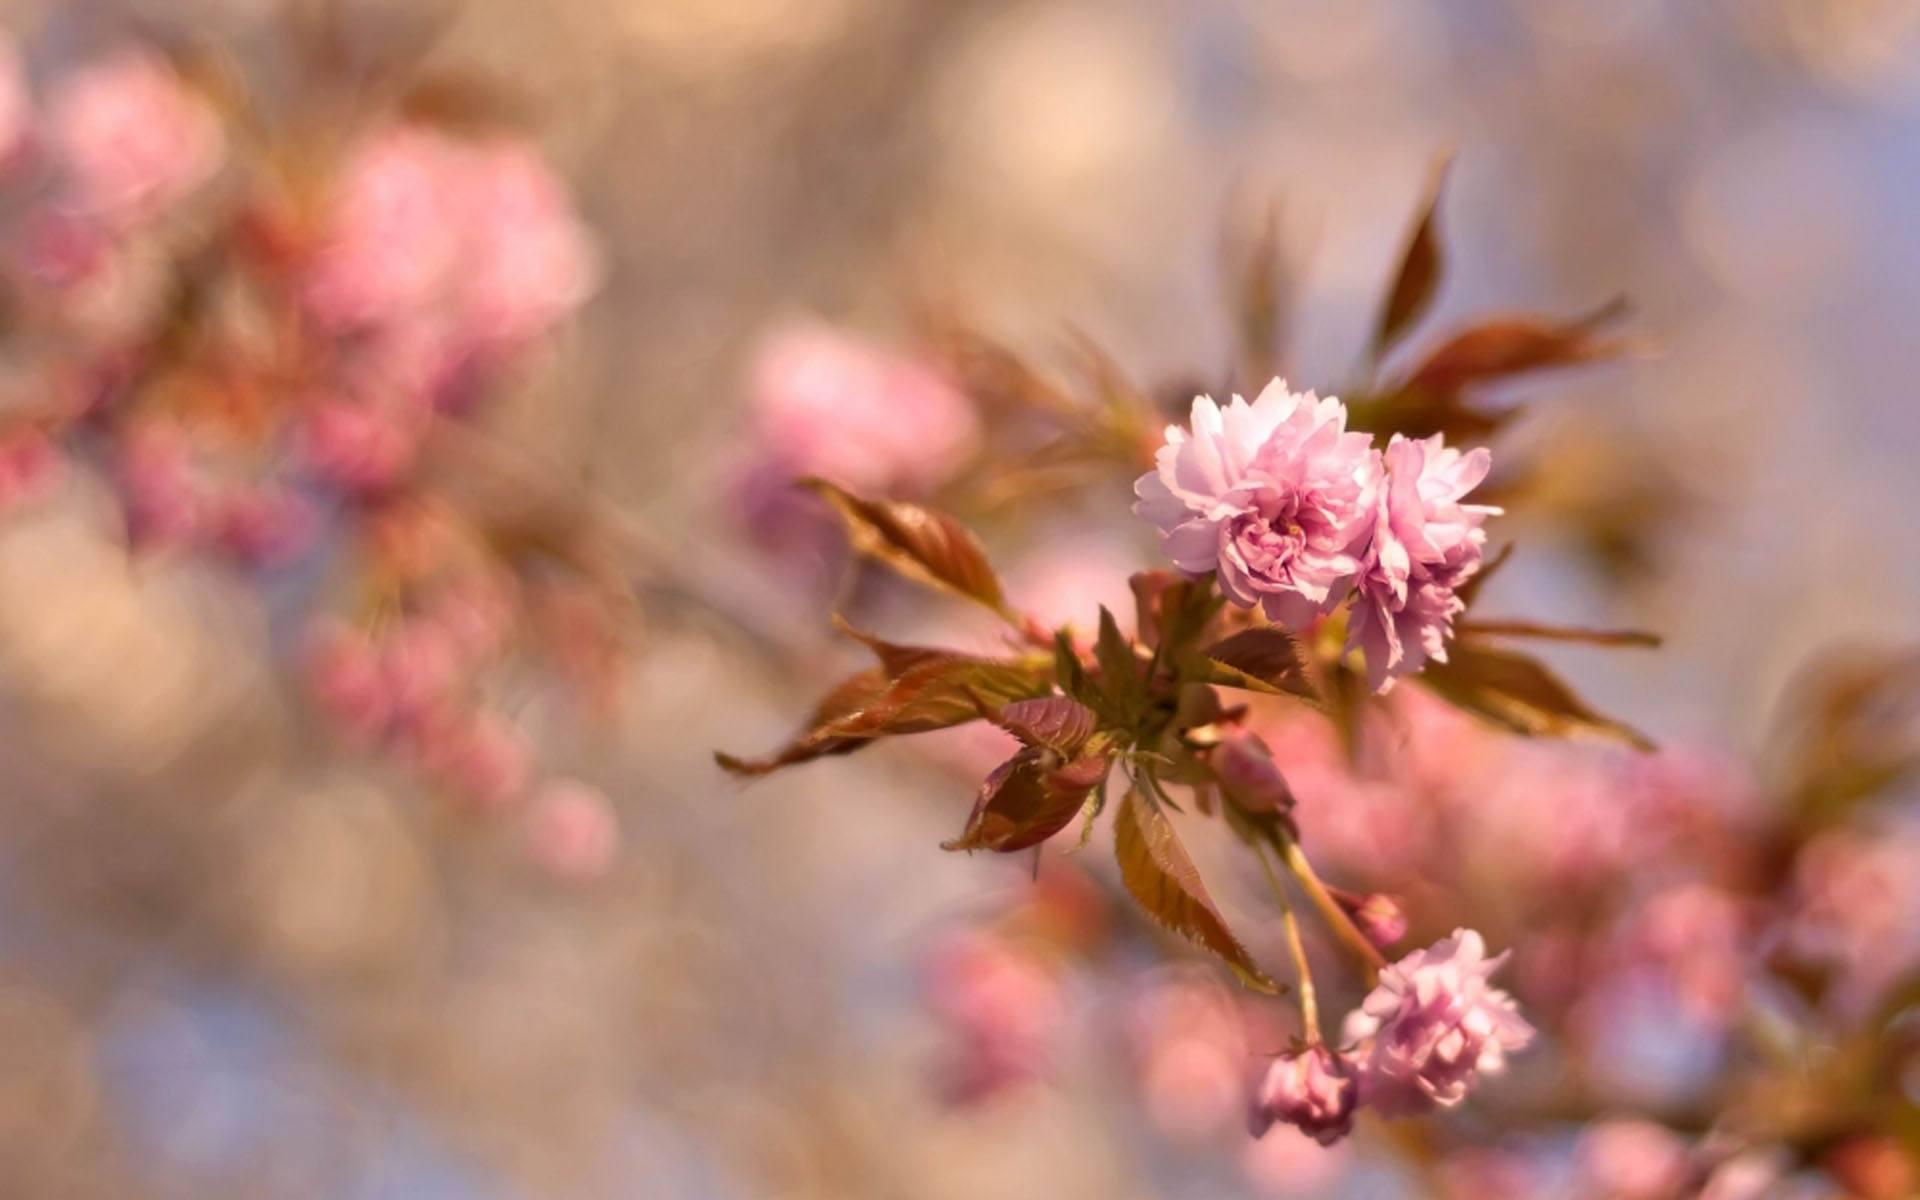 成长励志语录人生情感说说:学会释然,然后才能感觉到温暖和爱